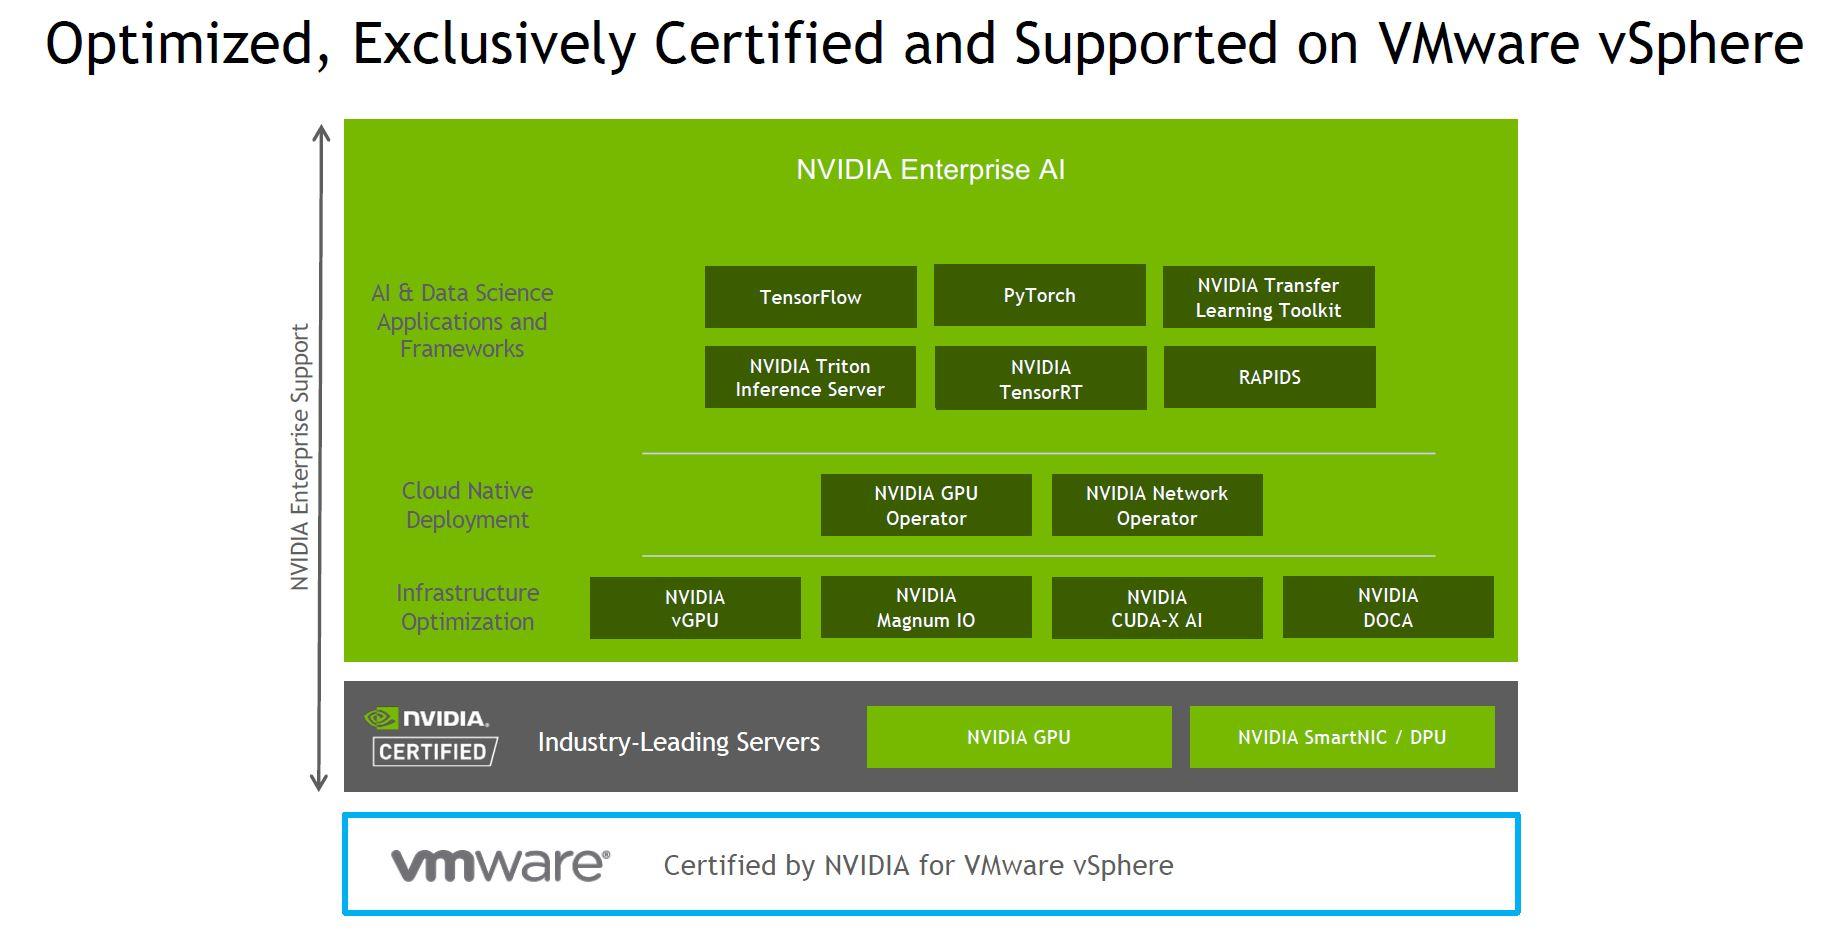 VMware VSphere NVIDIA Certified